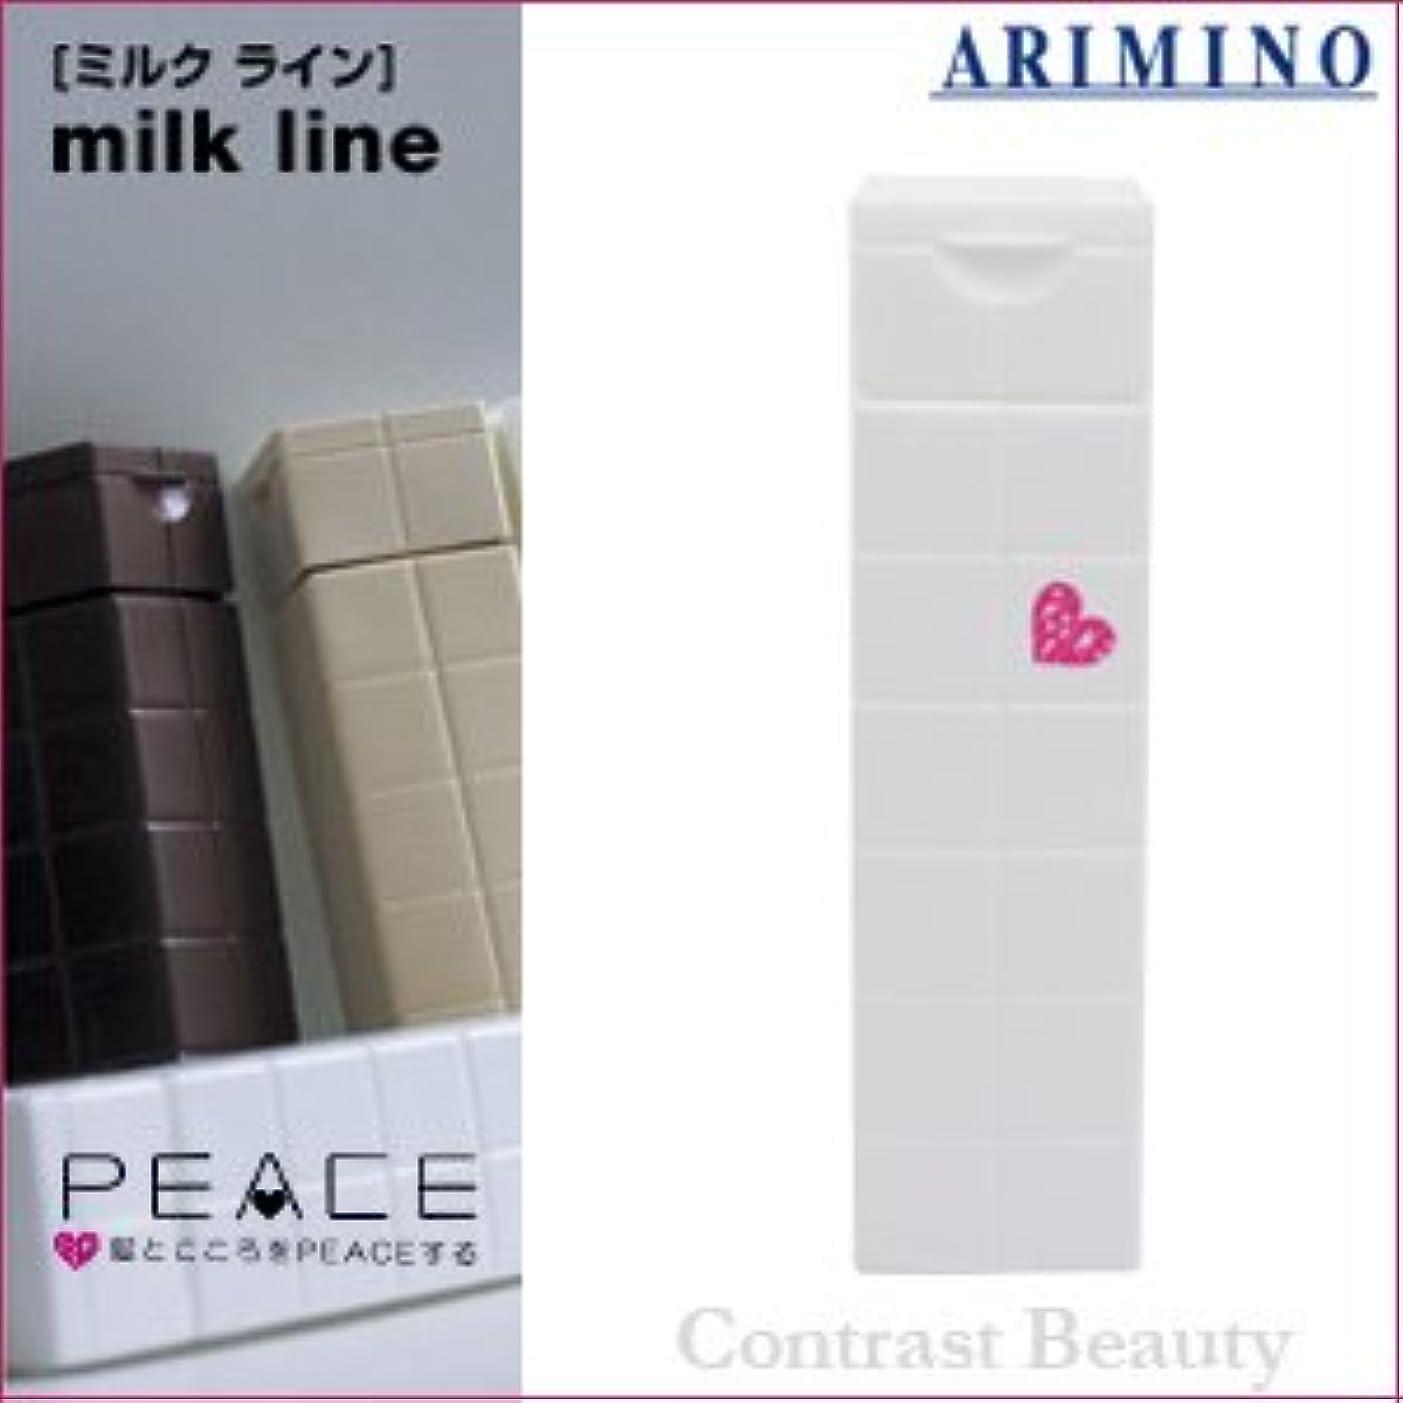 デコードする軽蔑暗記する【X4個セット】 アリミノ ピース グロスミルク ホワイト 200ml